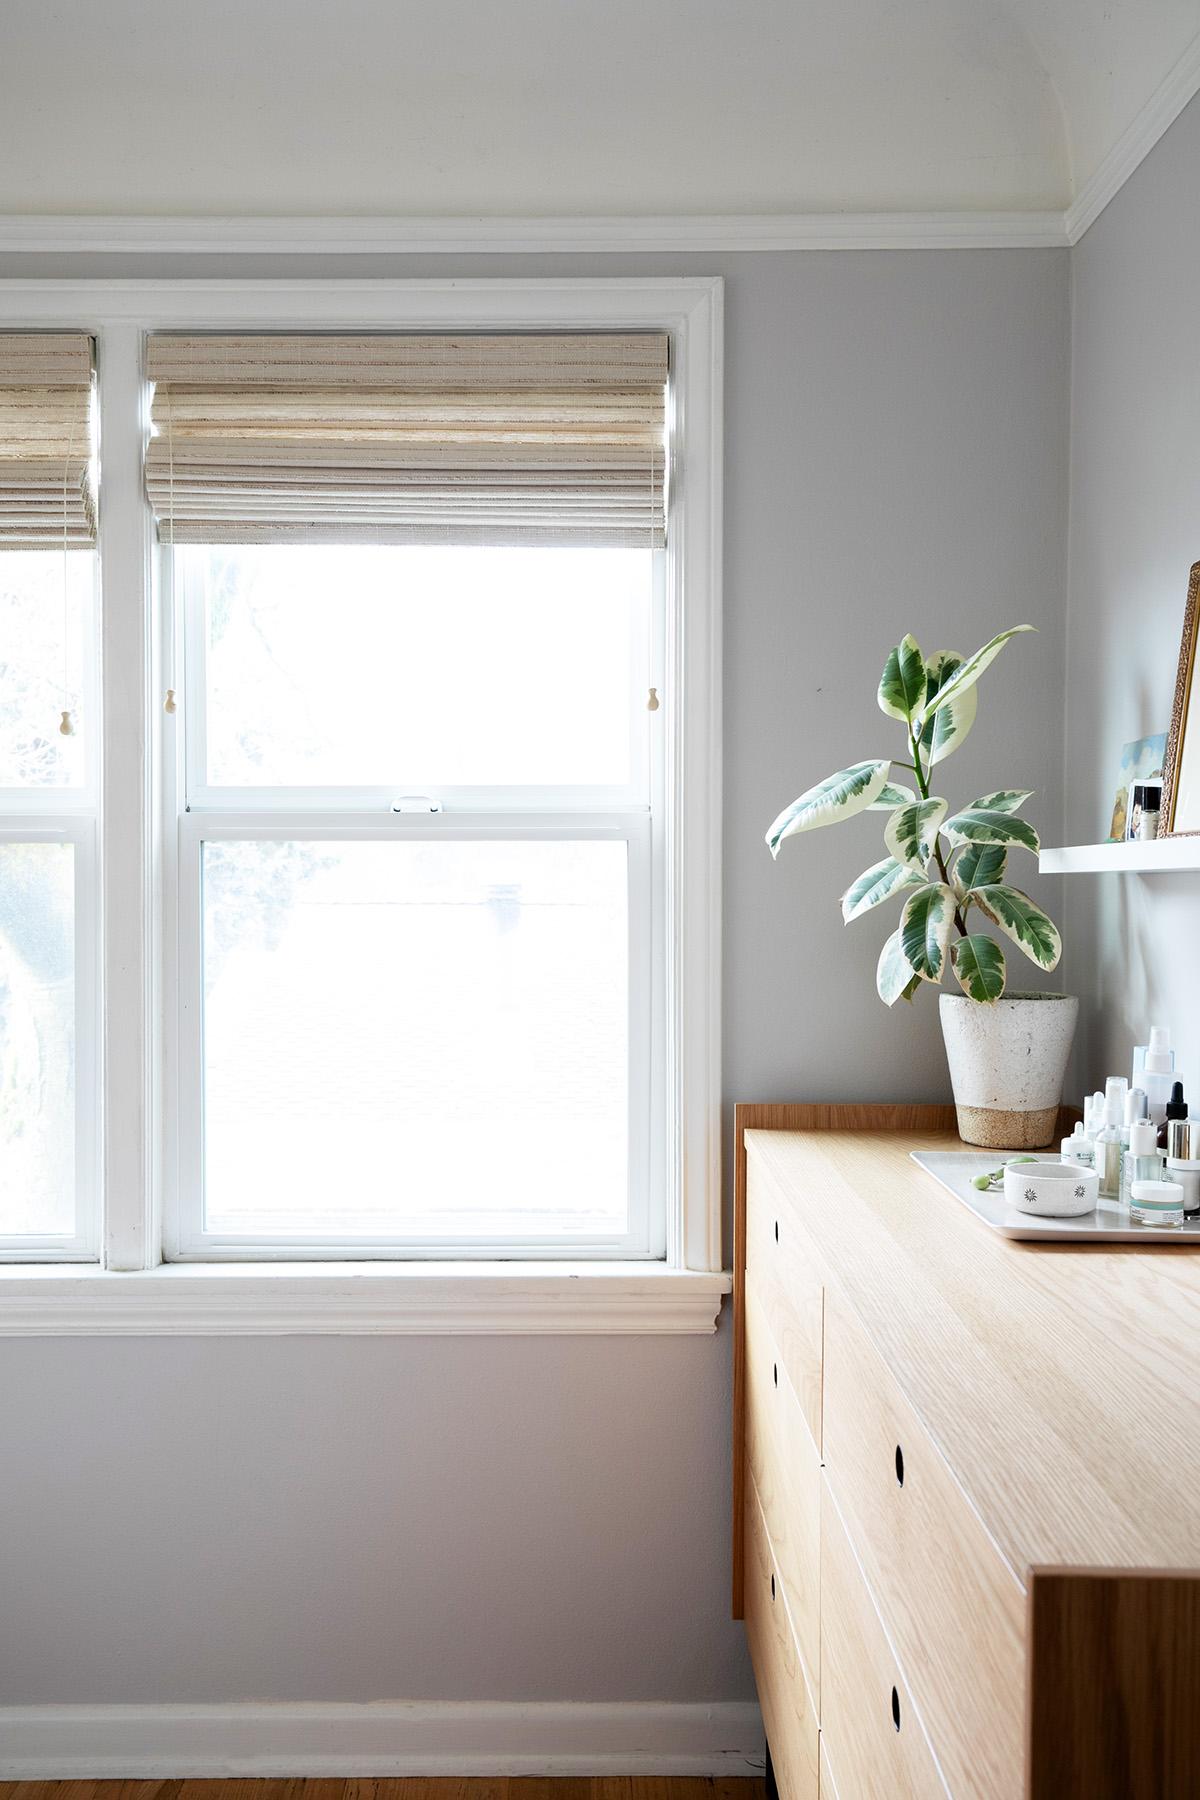 la couleur de la peinture et les traitements des fenêtres mis à jour ont totalement changé cette minuscule chambre des maîtres